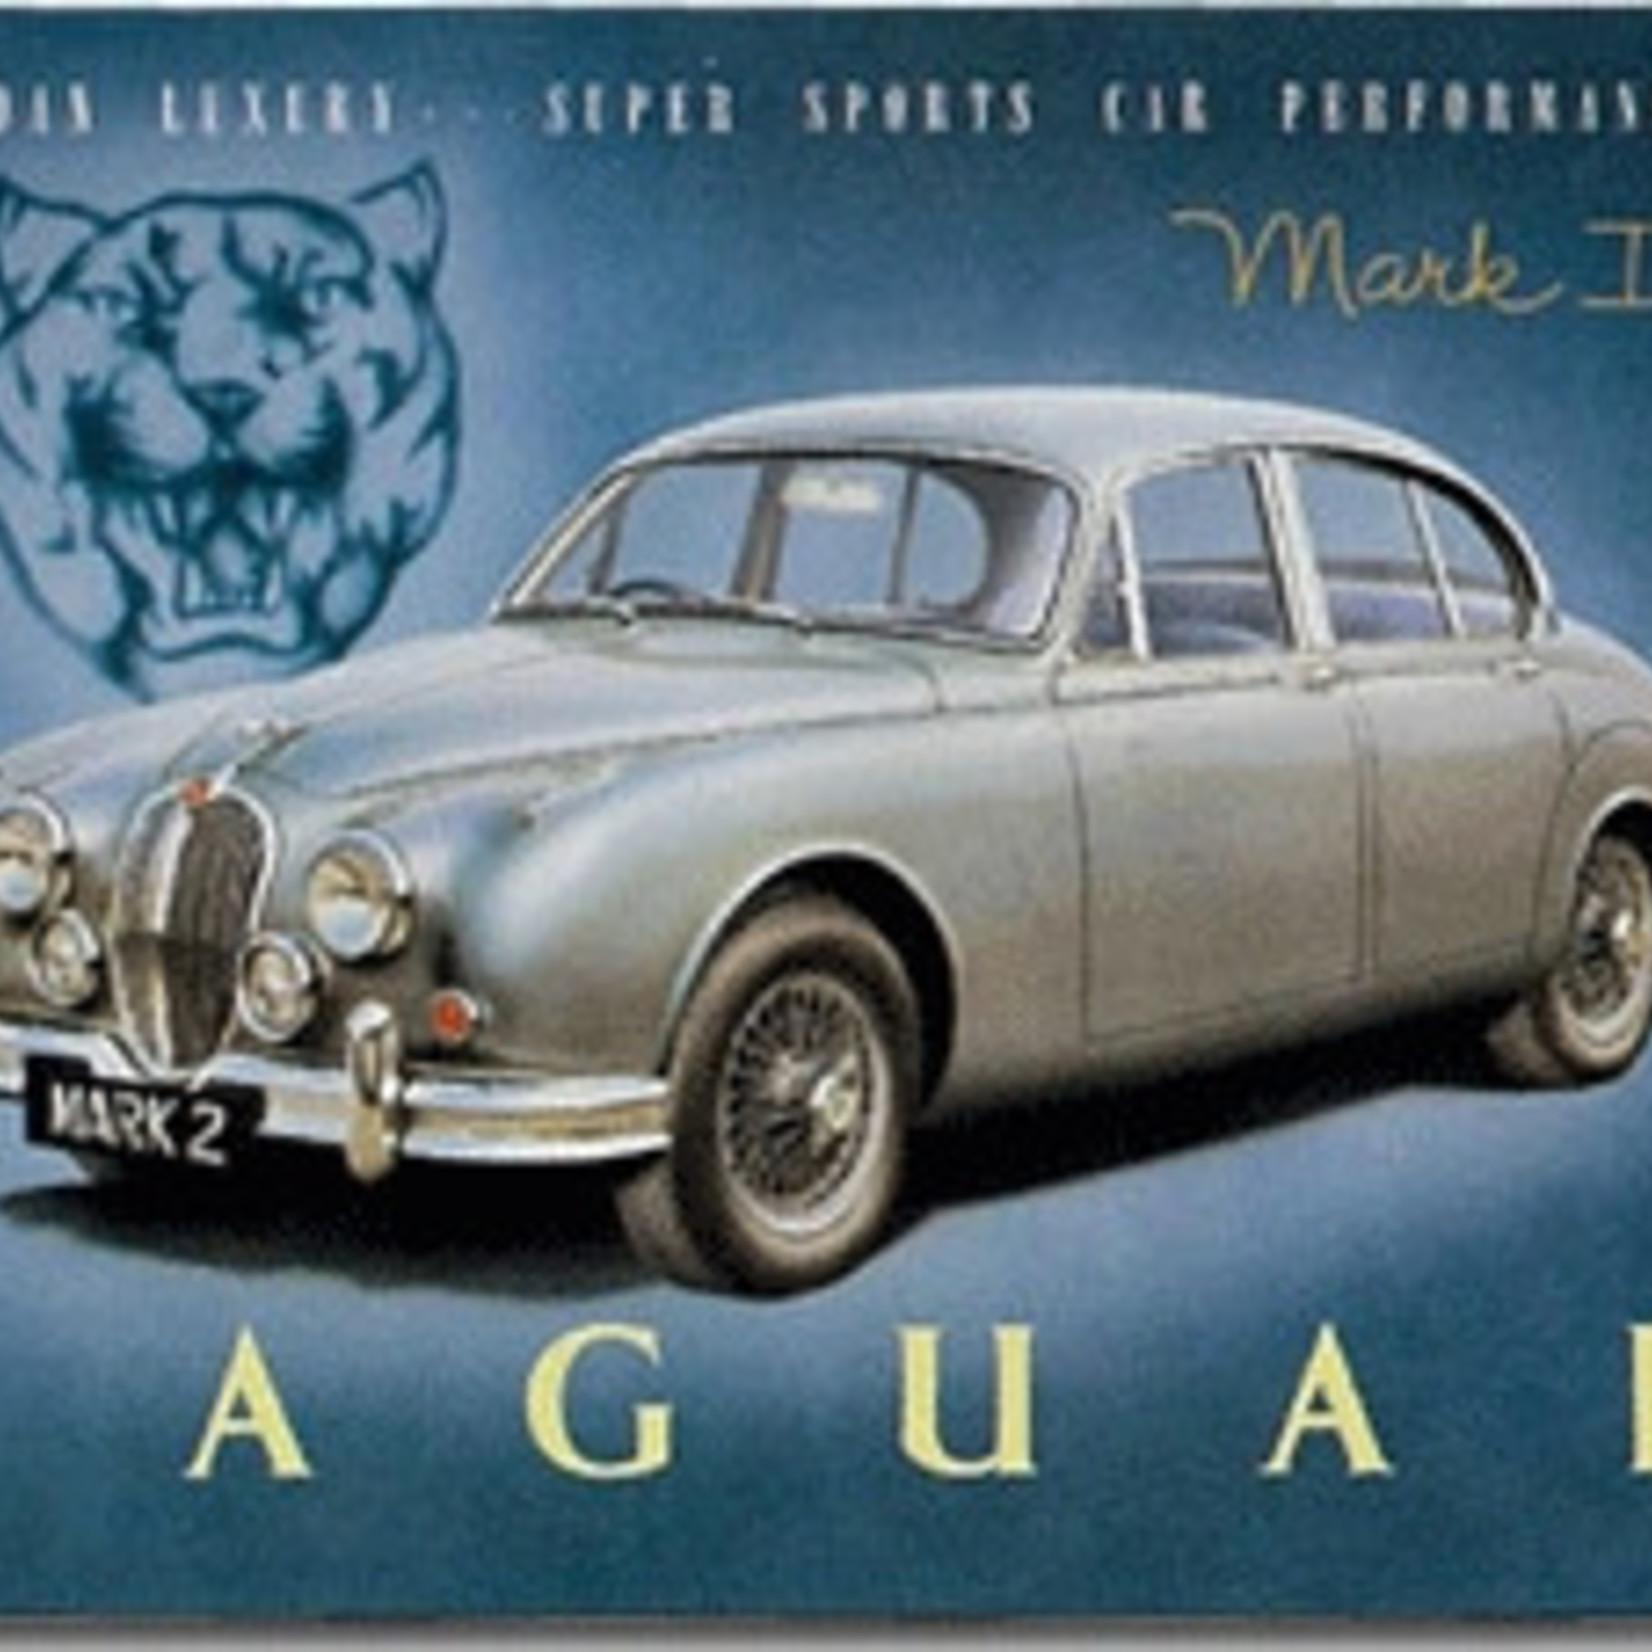 Magneet Jaguar Mark II metaal 55x75mm